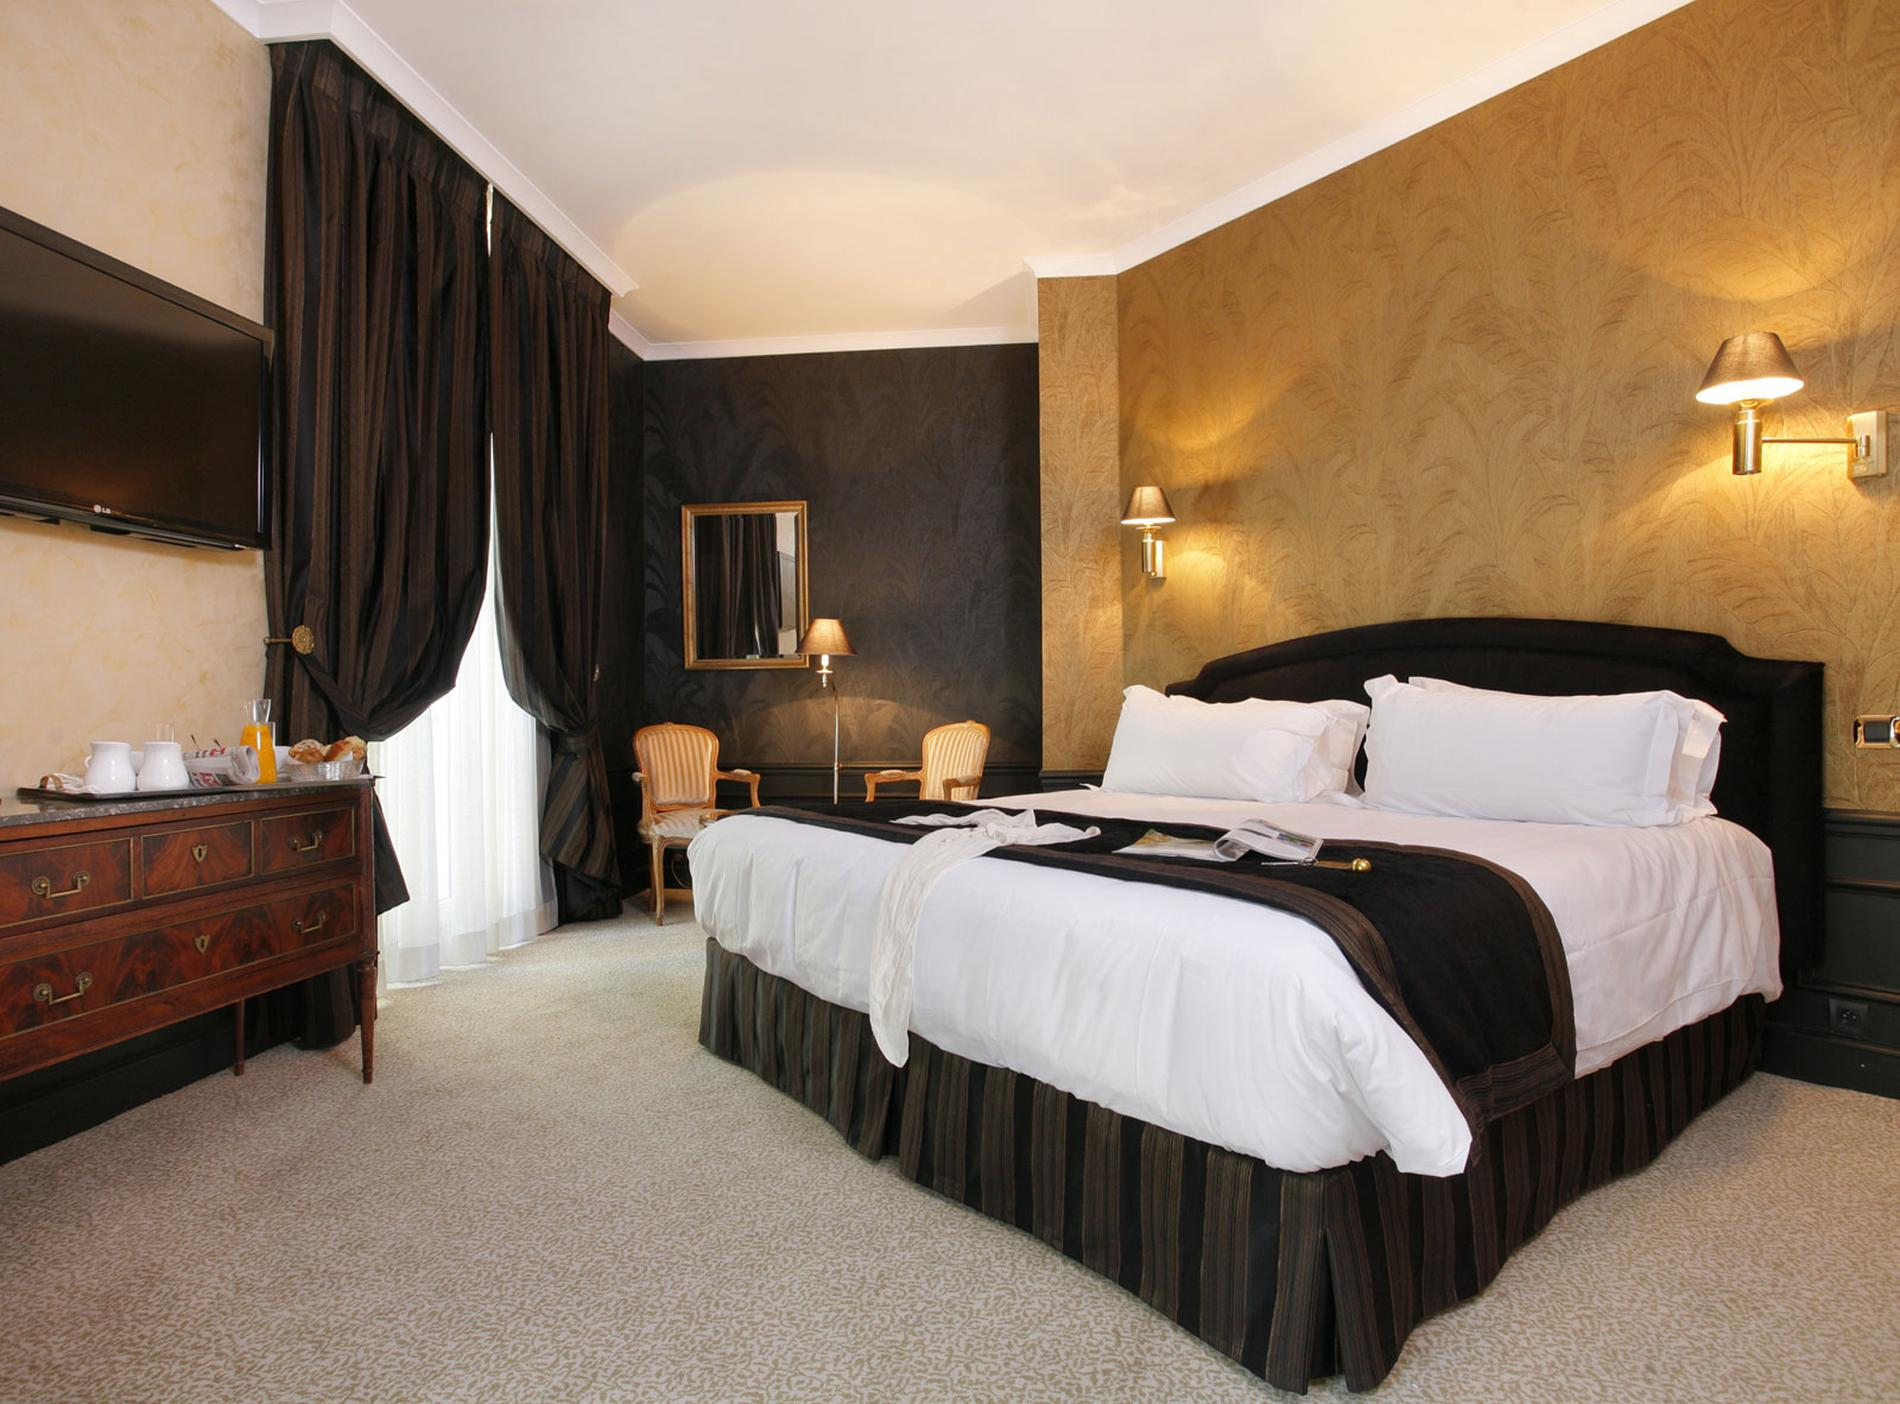 Source d 39 inspiration hotel avec jacuzzi dans la chambre - Week end avec jacuzzi dans la chambre ...